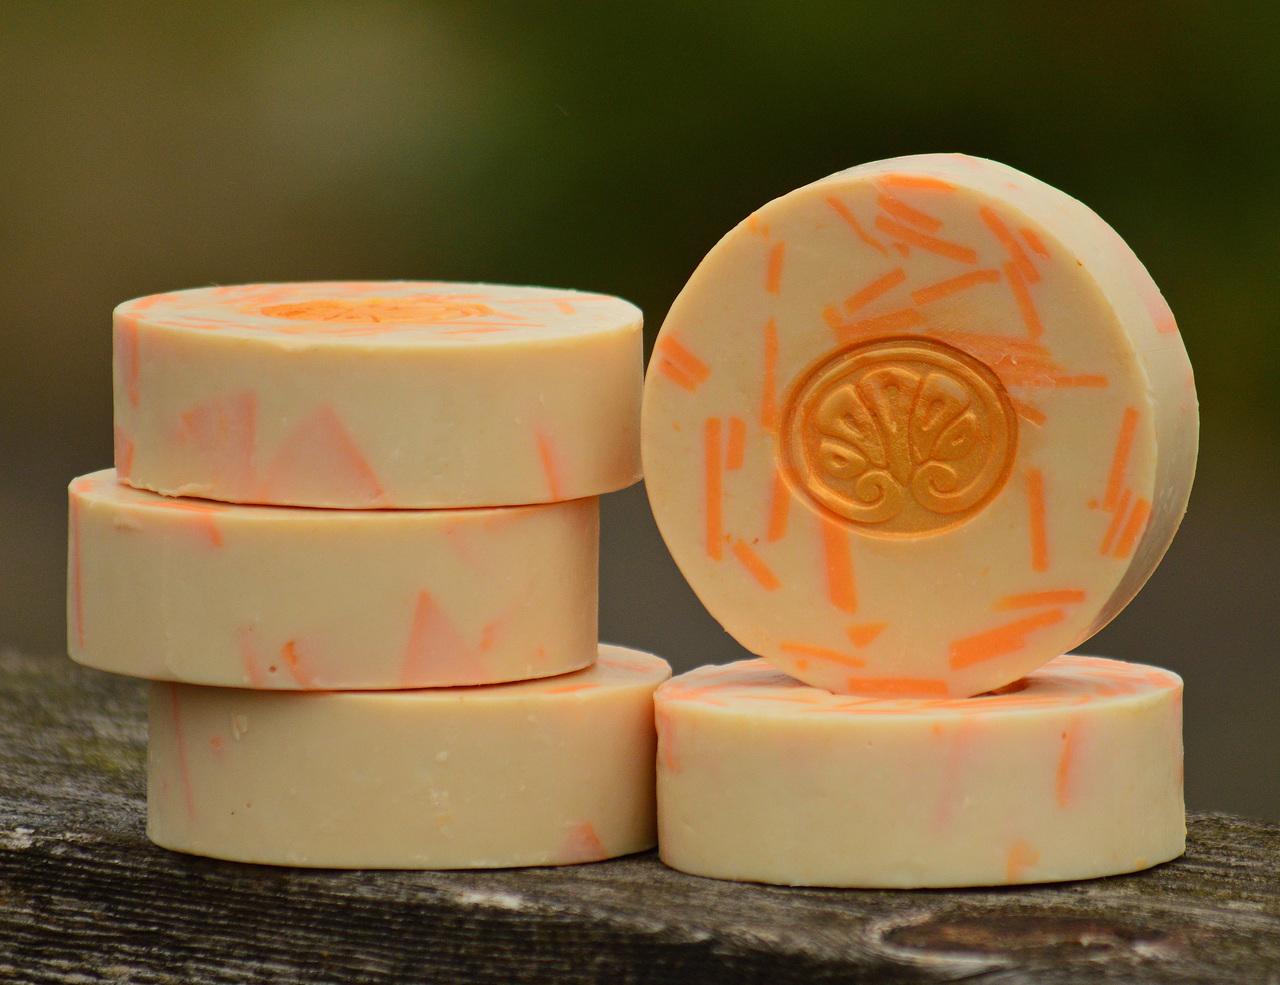 Summer Melon Classic Goat Milk Soap